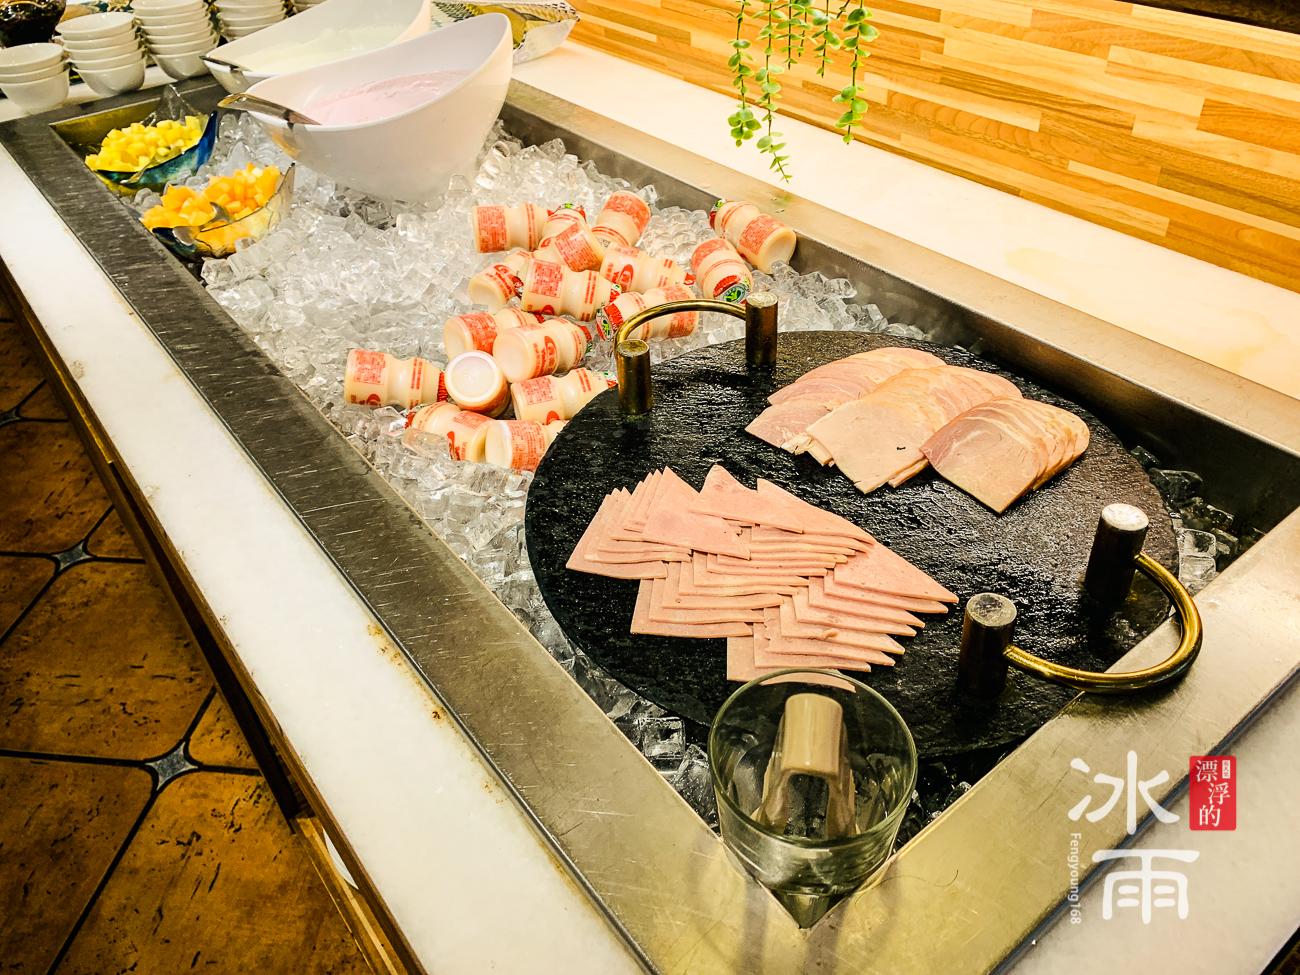 陽明山天籟溫泉會館|早餐菜色|火腿